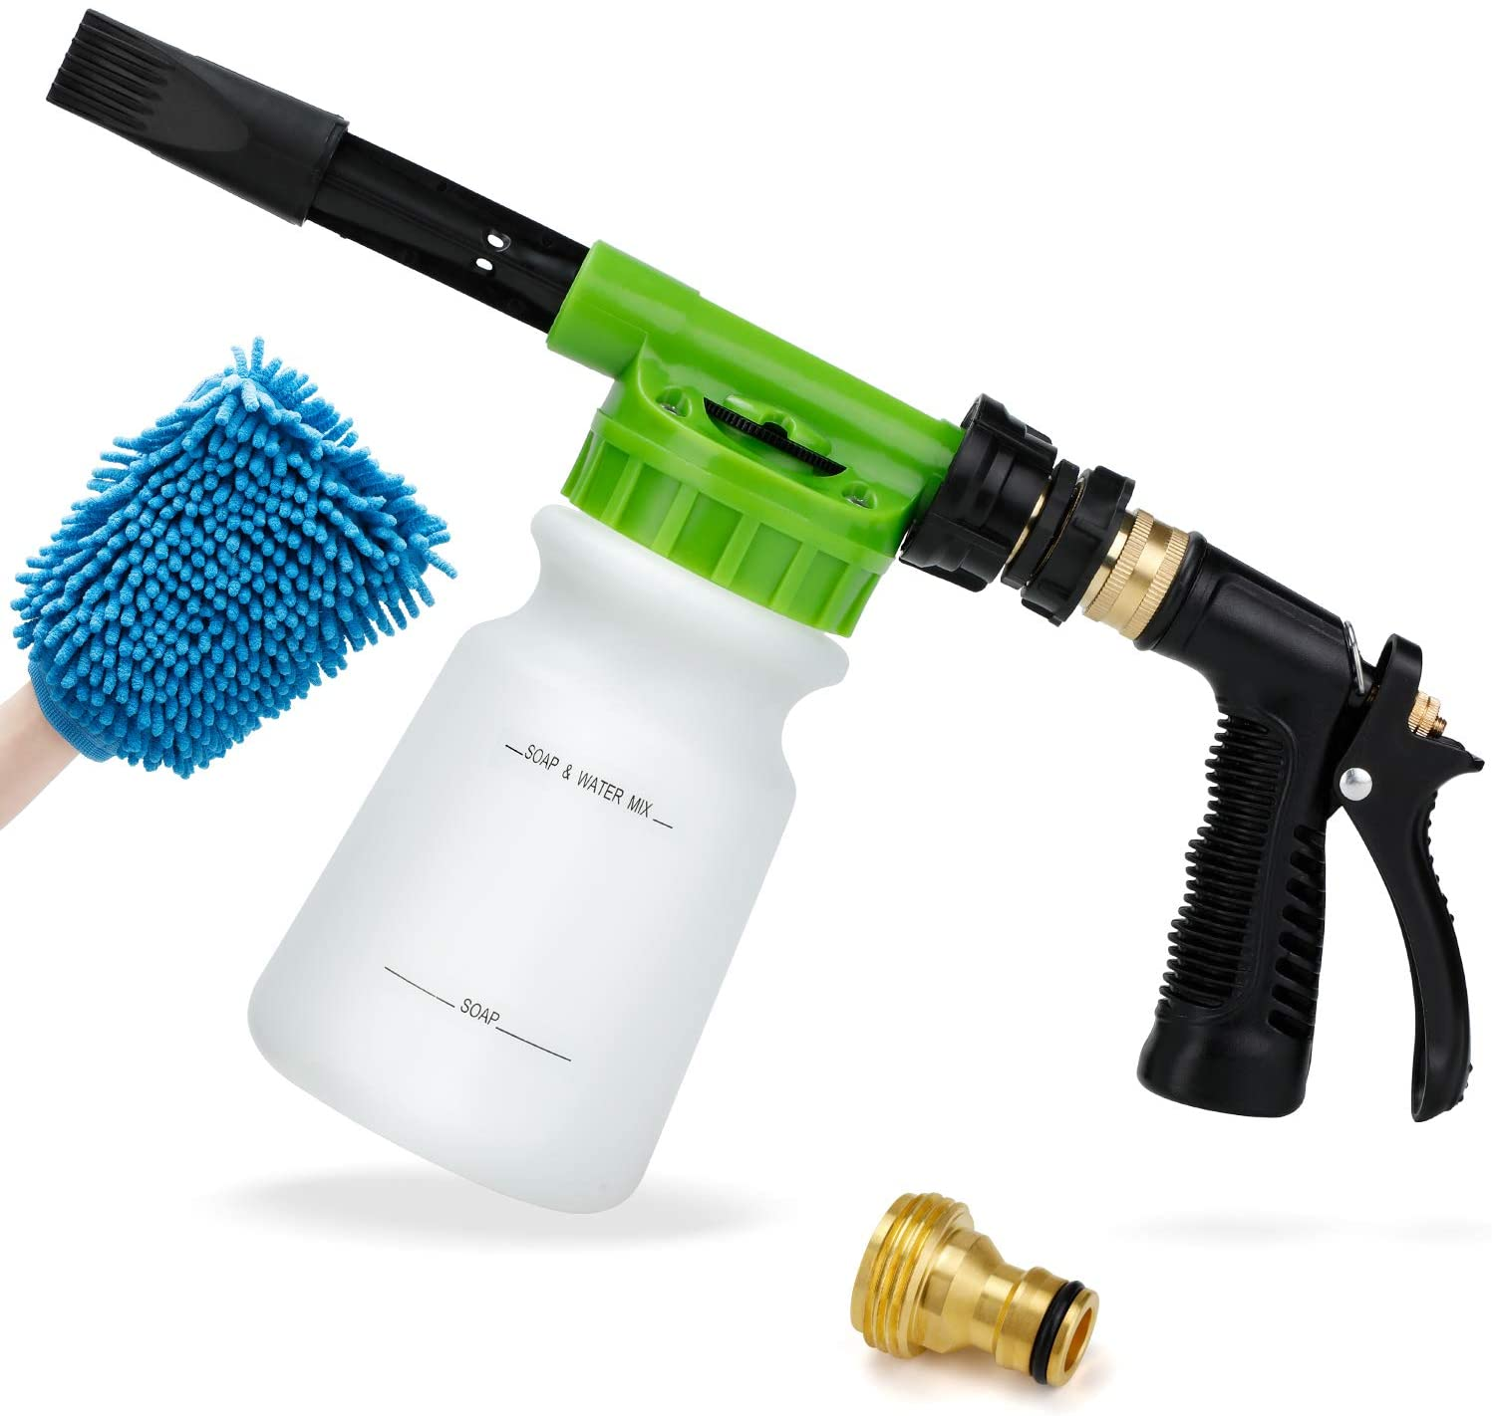 Ohuhu Car Wash Foam Gun for Garden Hose, Car Wash Soap Sprayer with 3/8